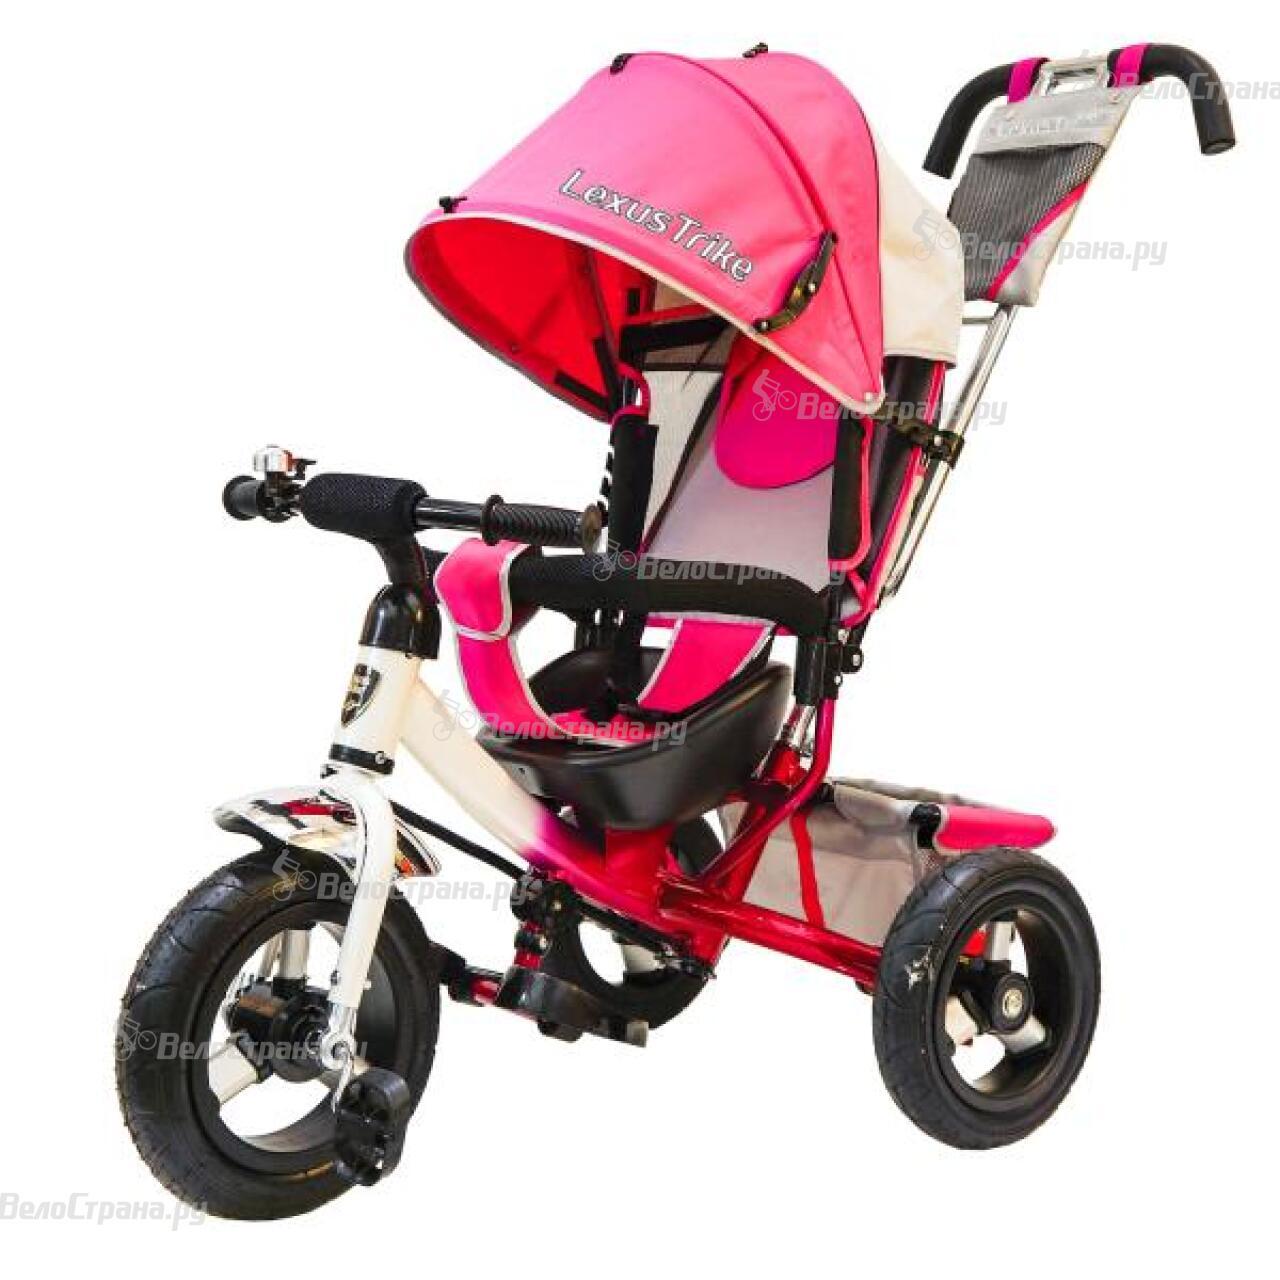 температуре воздуха, цена на детский велосипед лексус в георгиевске можно нарезать